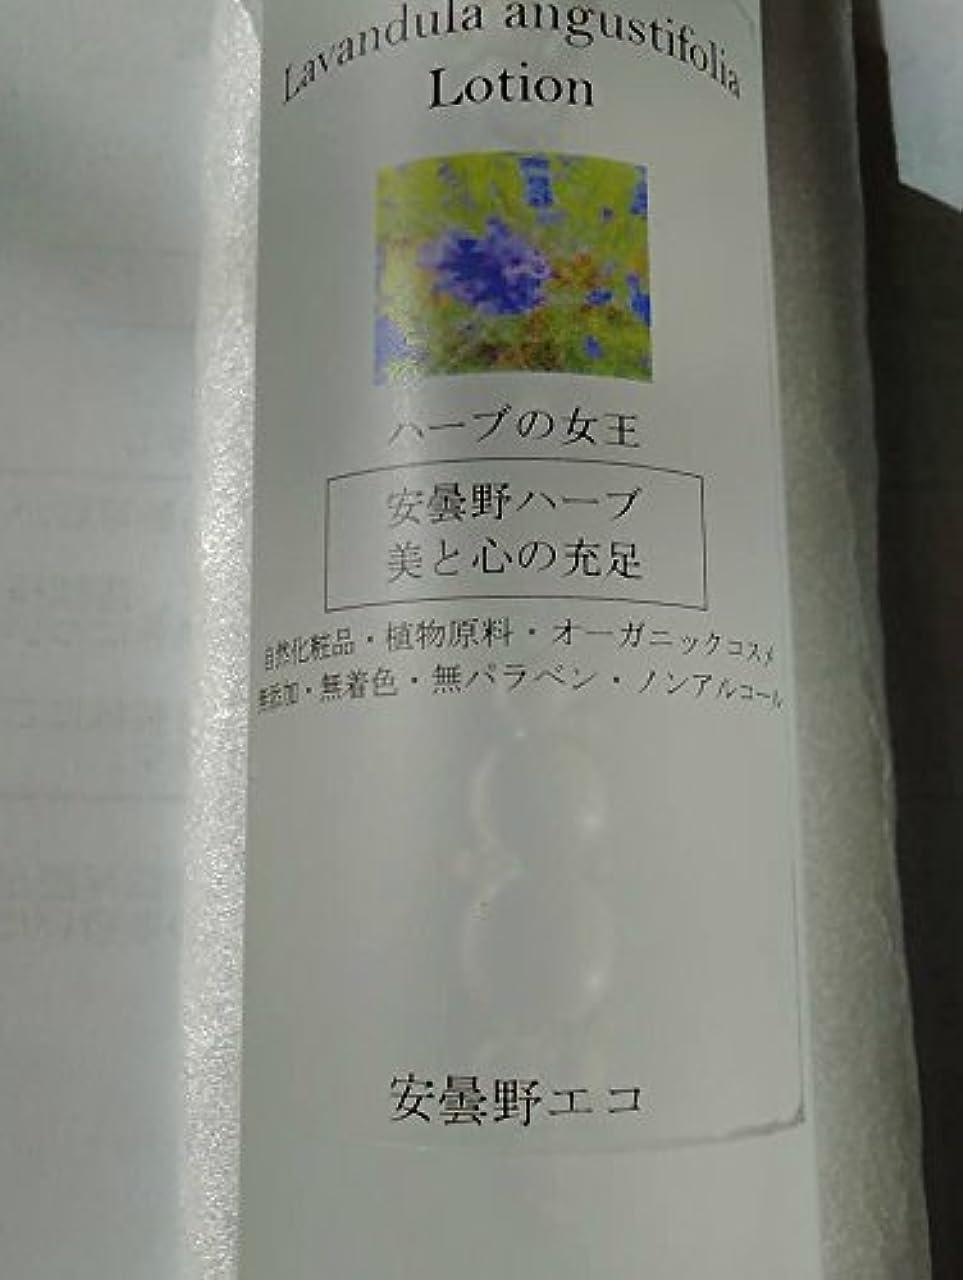 収束吸い込むあなたのものラベンダー 化粧水[Lavandula angustifolia Lotionコモンラベンダー 100ml] 安曇野エコ オリジナル【国産 安曇野産 無農薬100%】